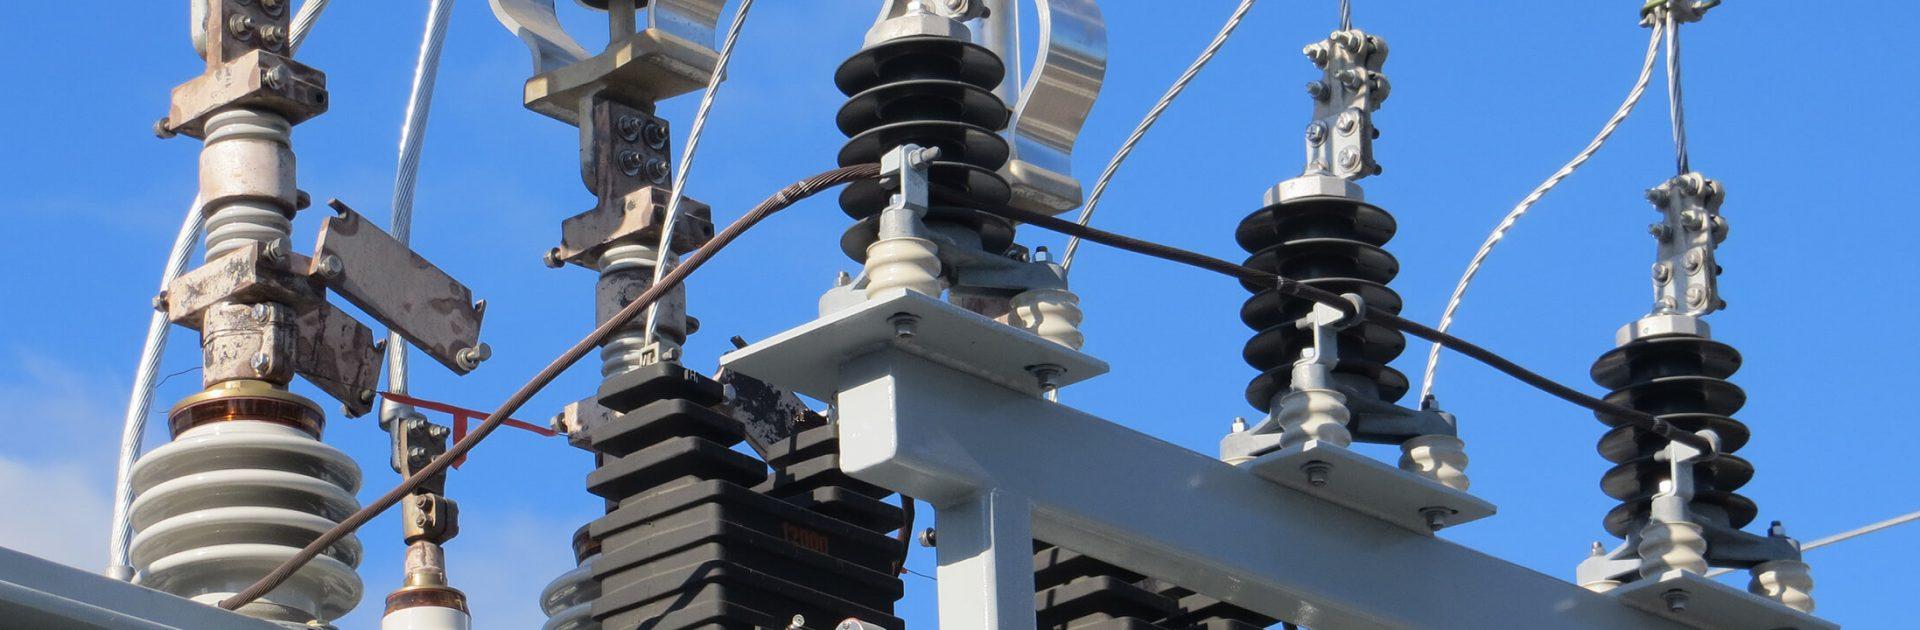 Le Groupe LML | Gros plan de composantes électriques et ciel bleu